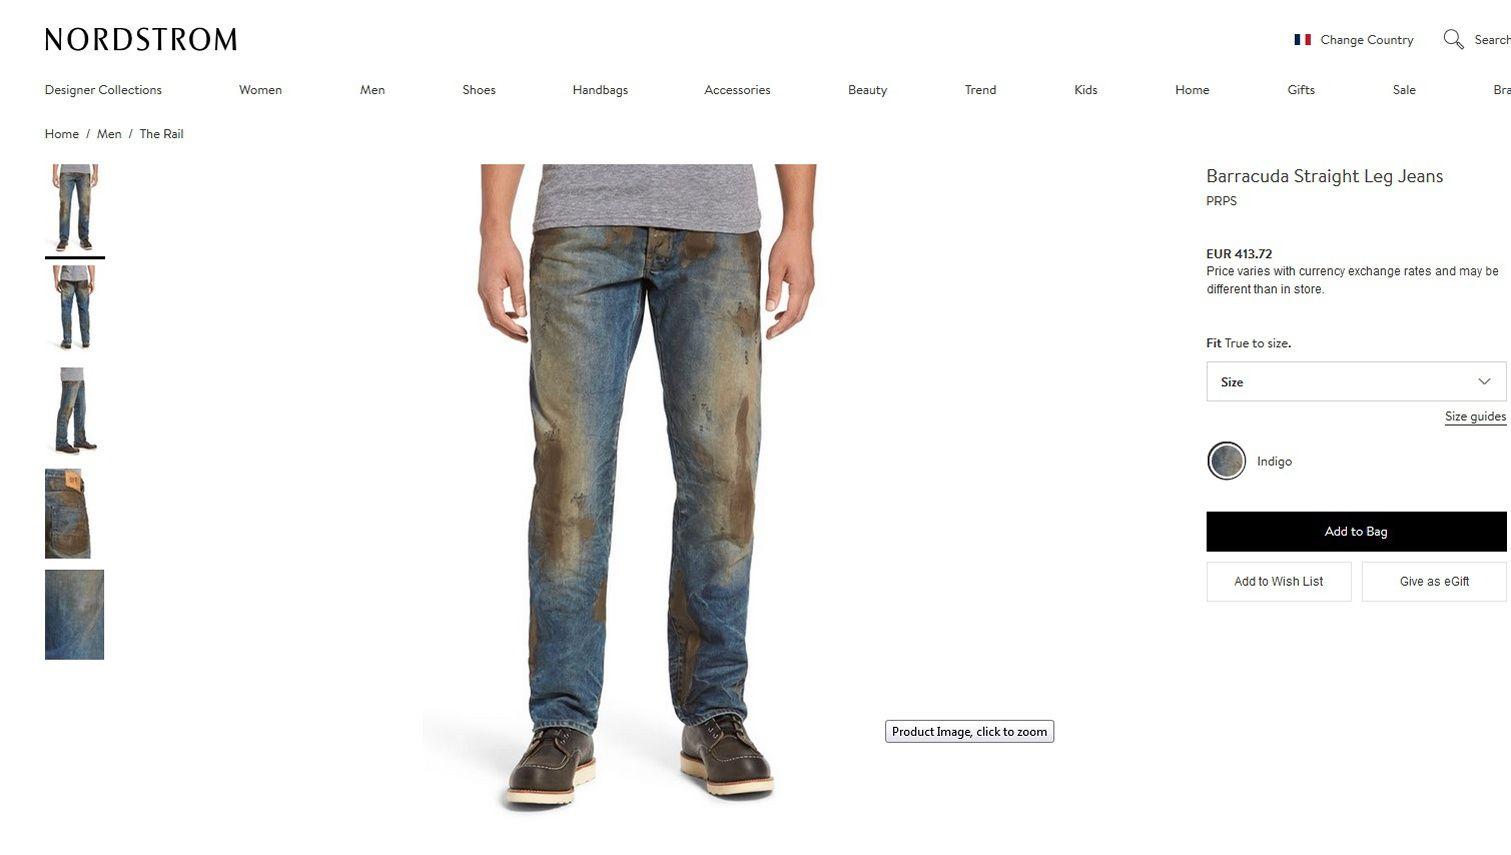 Ce jean taché de fausse boue coûte 415 euros